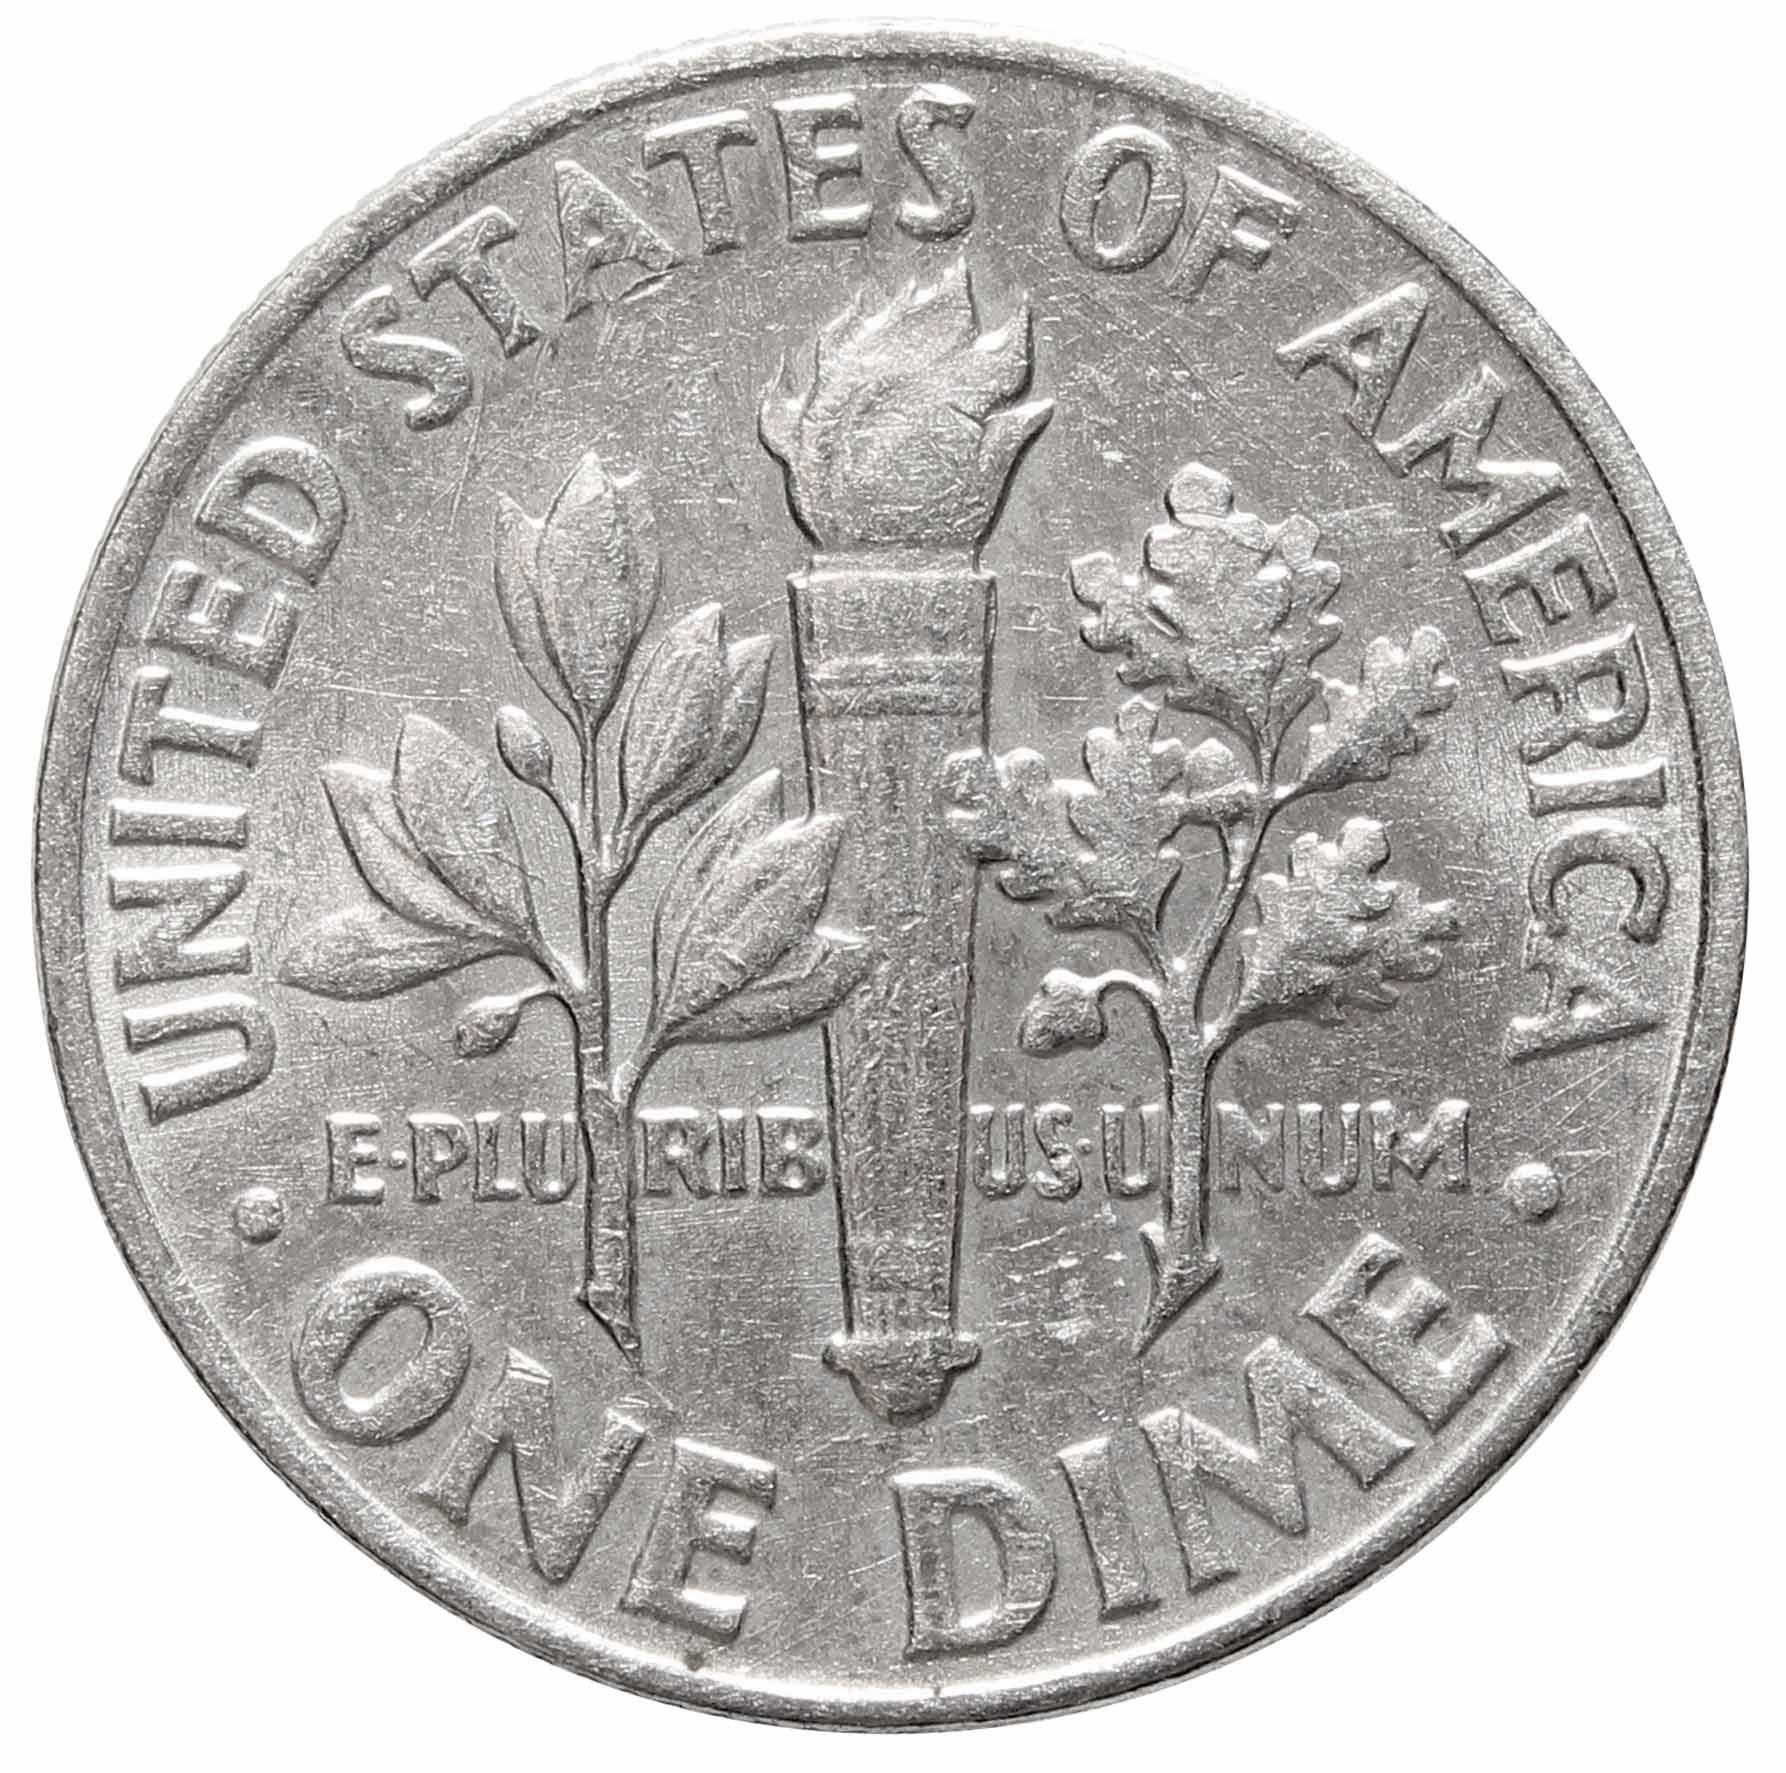 1 дайм (10 центов) 1964. США. Серебро. XF